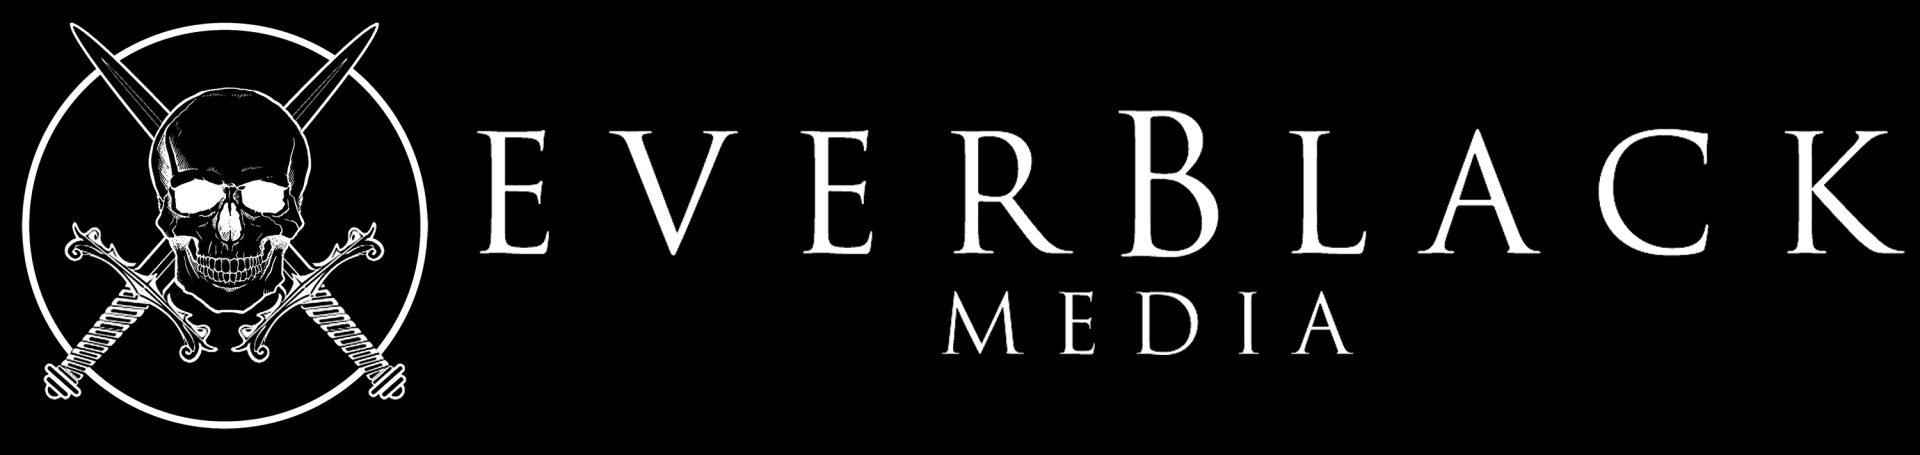 Everblack Media